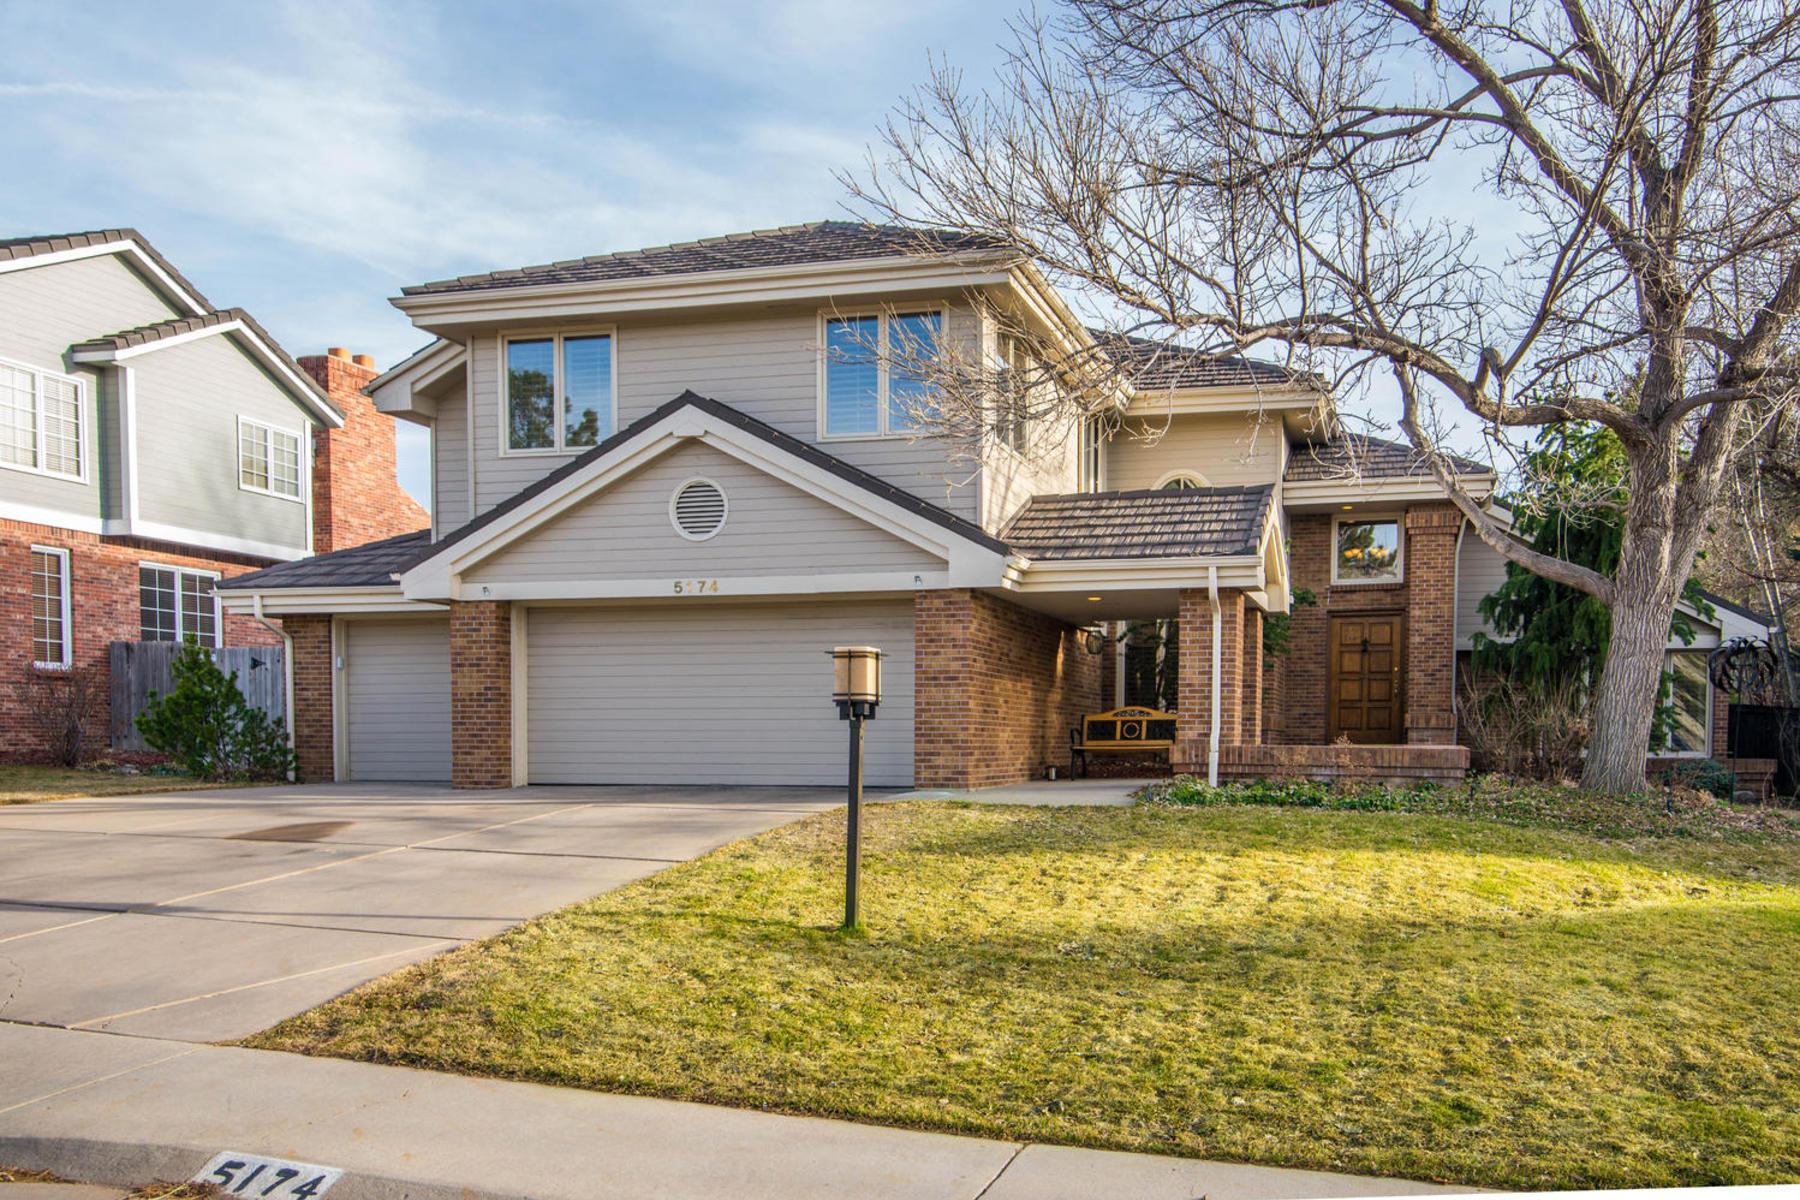 獨棟家庭住宅 為 出售 在 Two Story Home in Heritage Greens Remodeled and Meticulously Maintained 5174 E. Mineral Circle Centennial, 科羅拉多州, 80122 美國